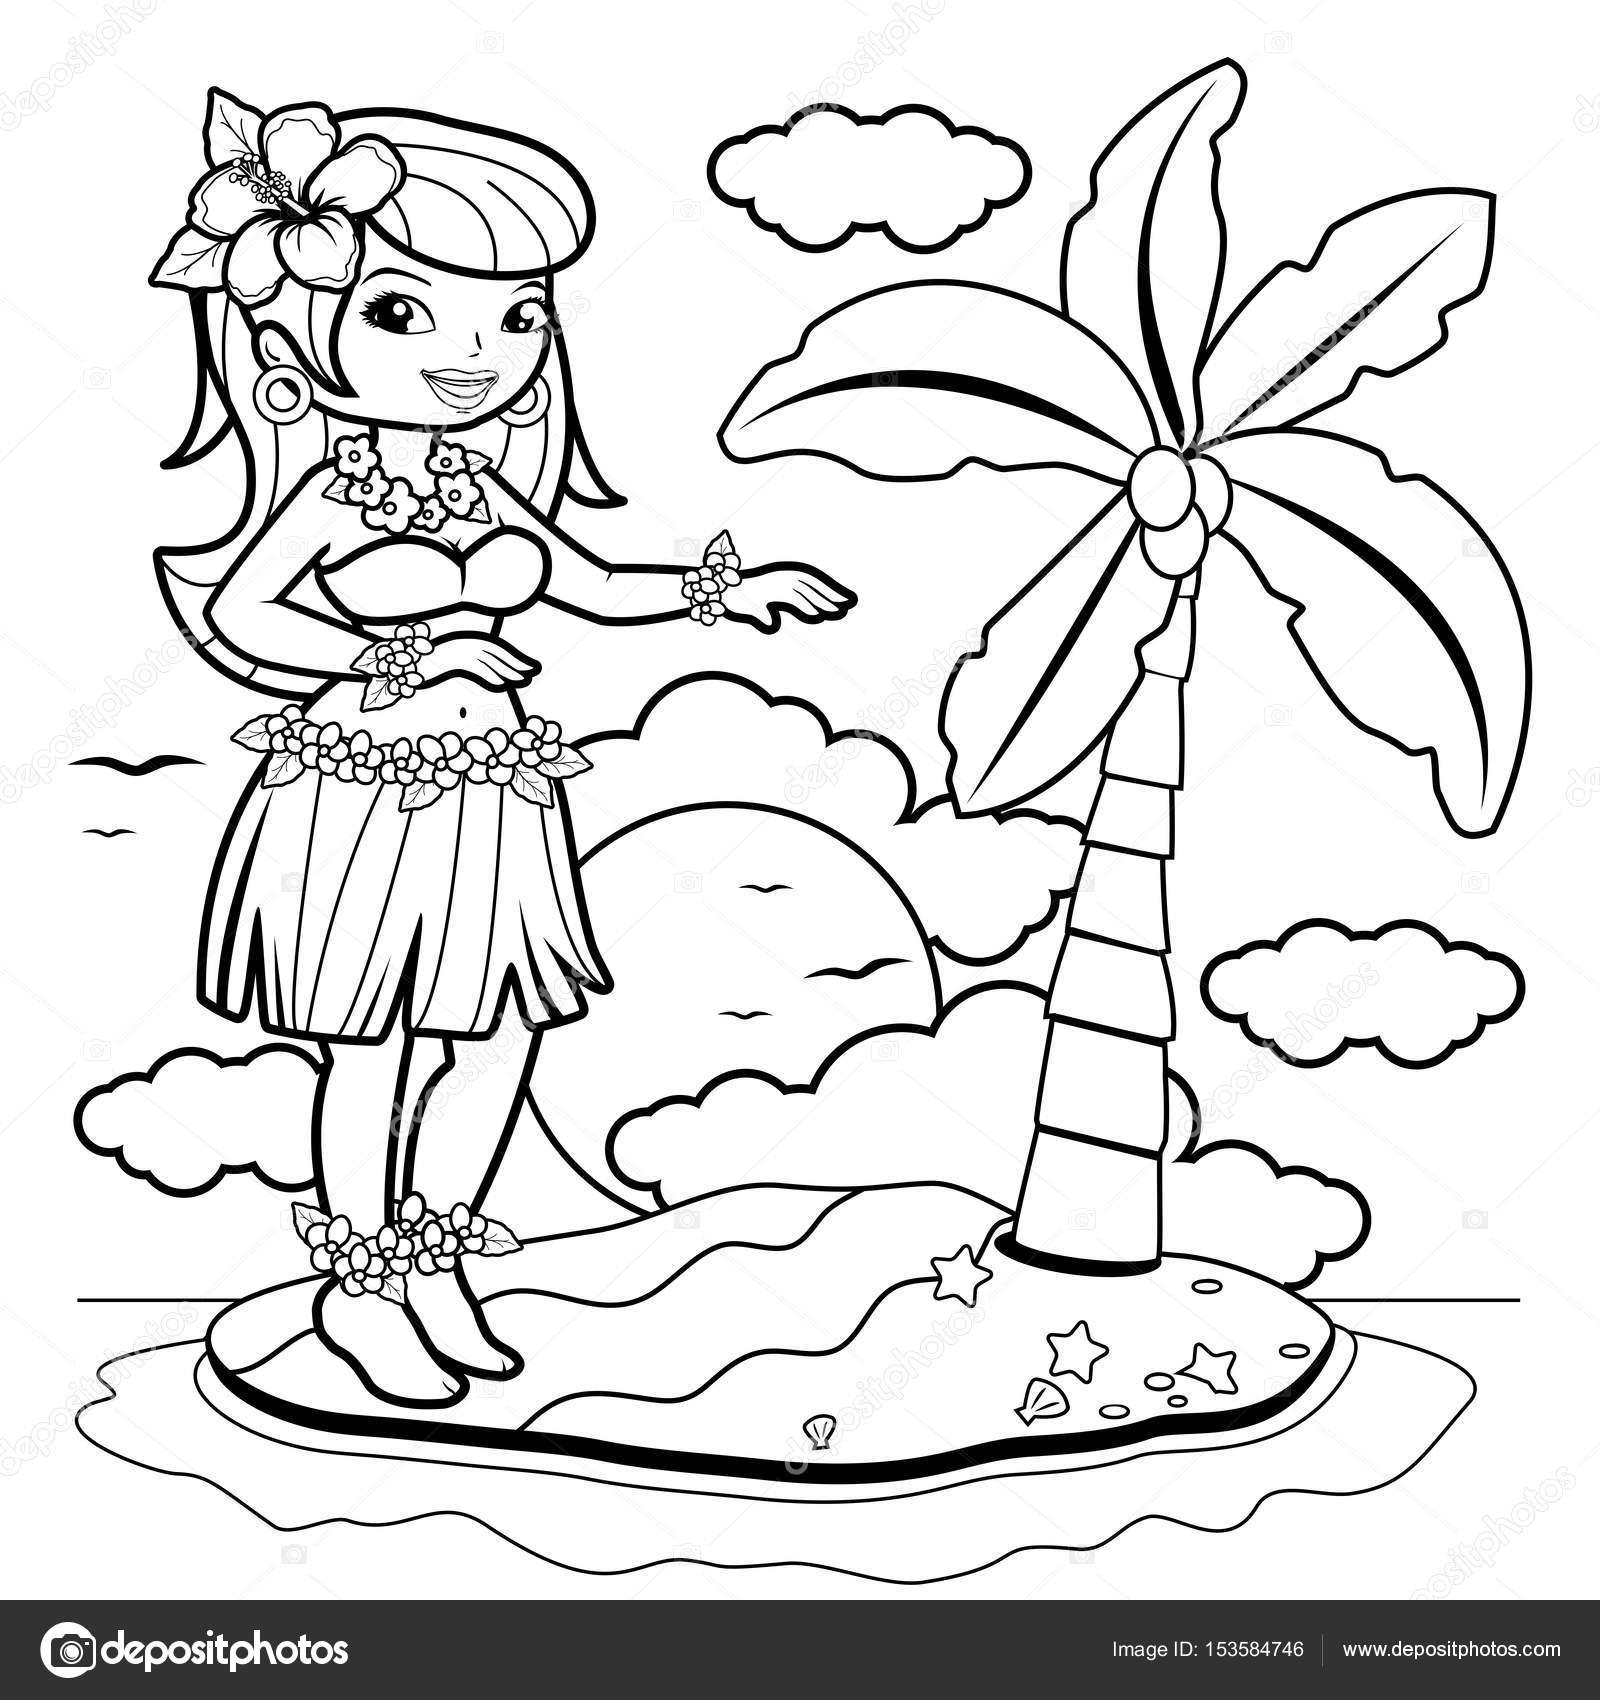 Coloriage Danseuse Hawaienne.Danseuse De Hula Hawaienne Femme Sur Une Ile Page De Livre De